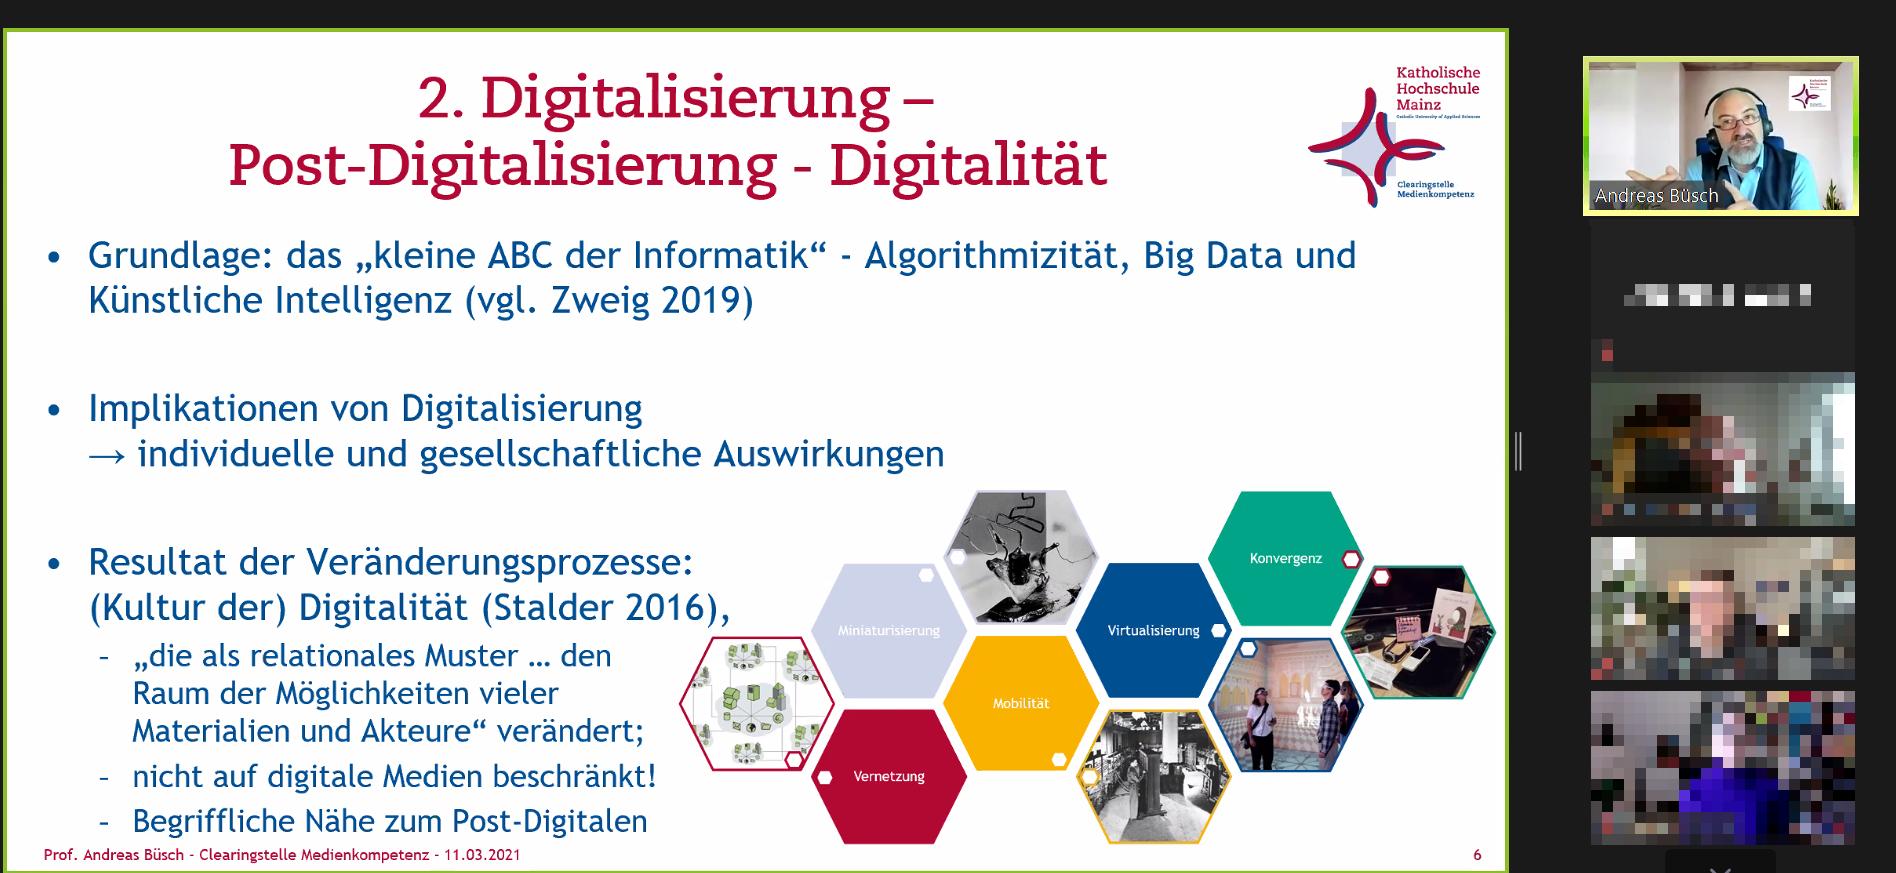 """Barcamp-Session bei """"Kirche im Web"""" zum Thema Digitalität und KI mit Prof. Andreas Büsch"""